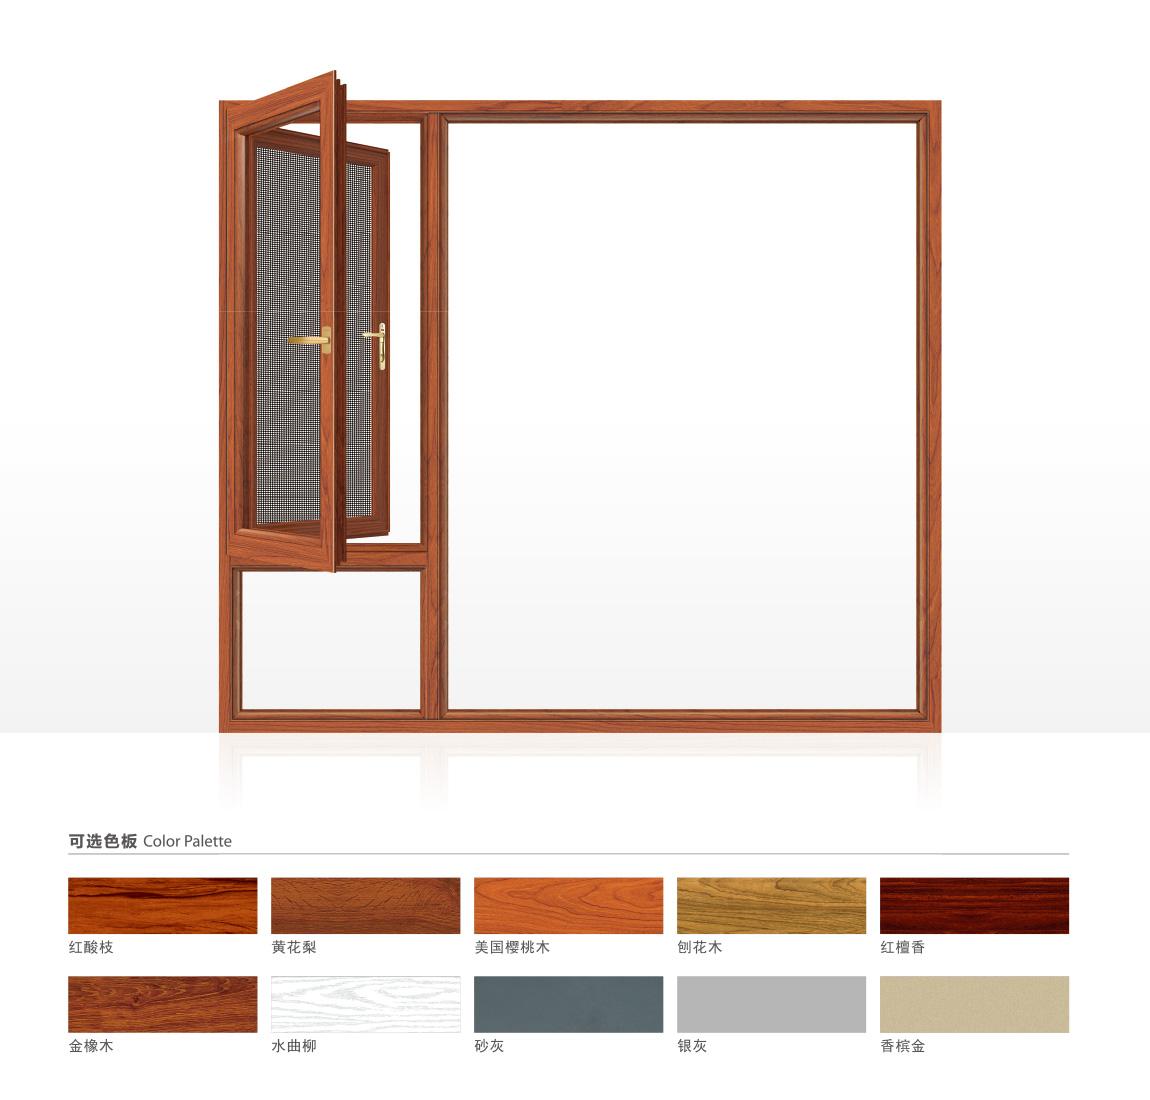 凤铝高端门窗-终极印刷版0109-33_03-06.jpg